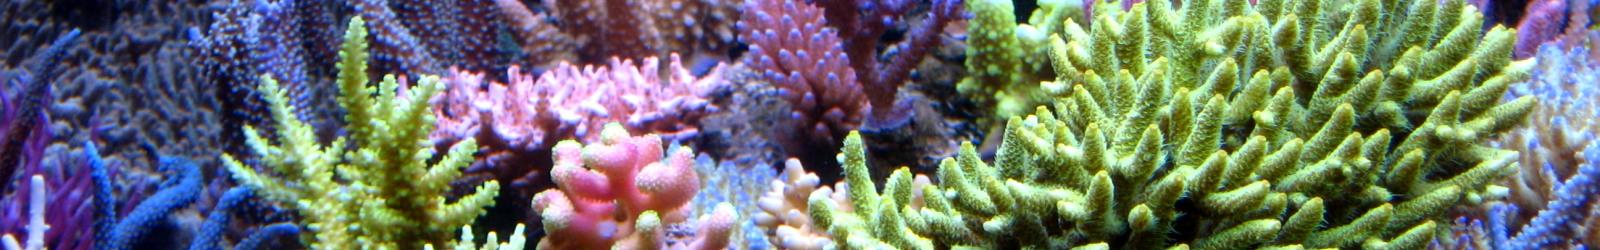 lebende steine f r korallen im meerwasseraquarium kaufen online shop. Black Bedroom Furniture Sets. Home Design Ideas